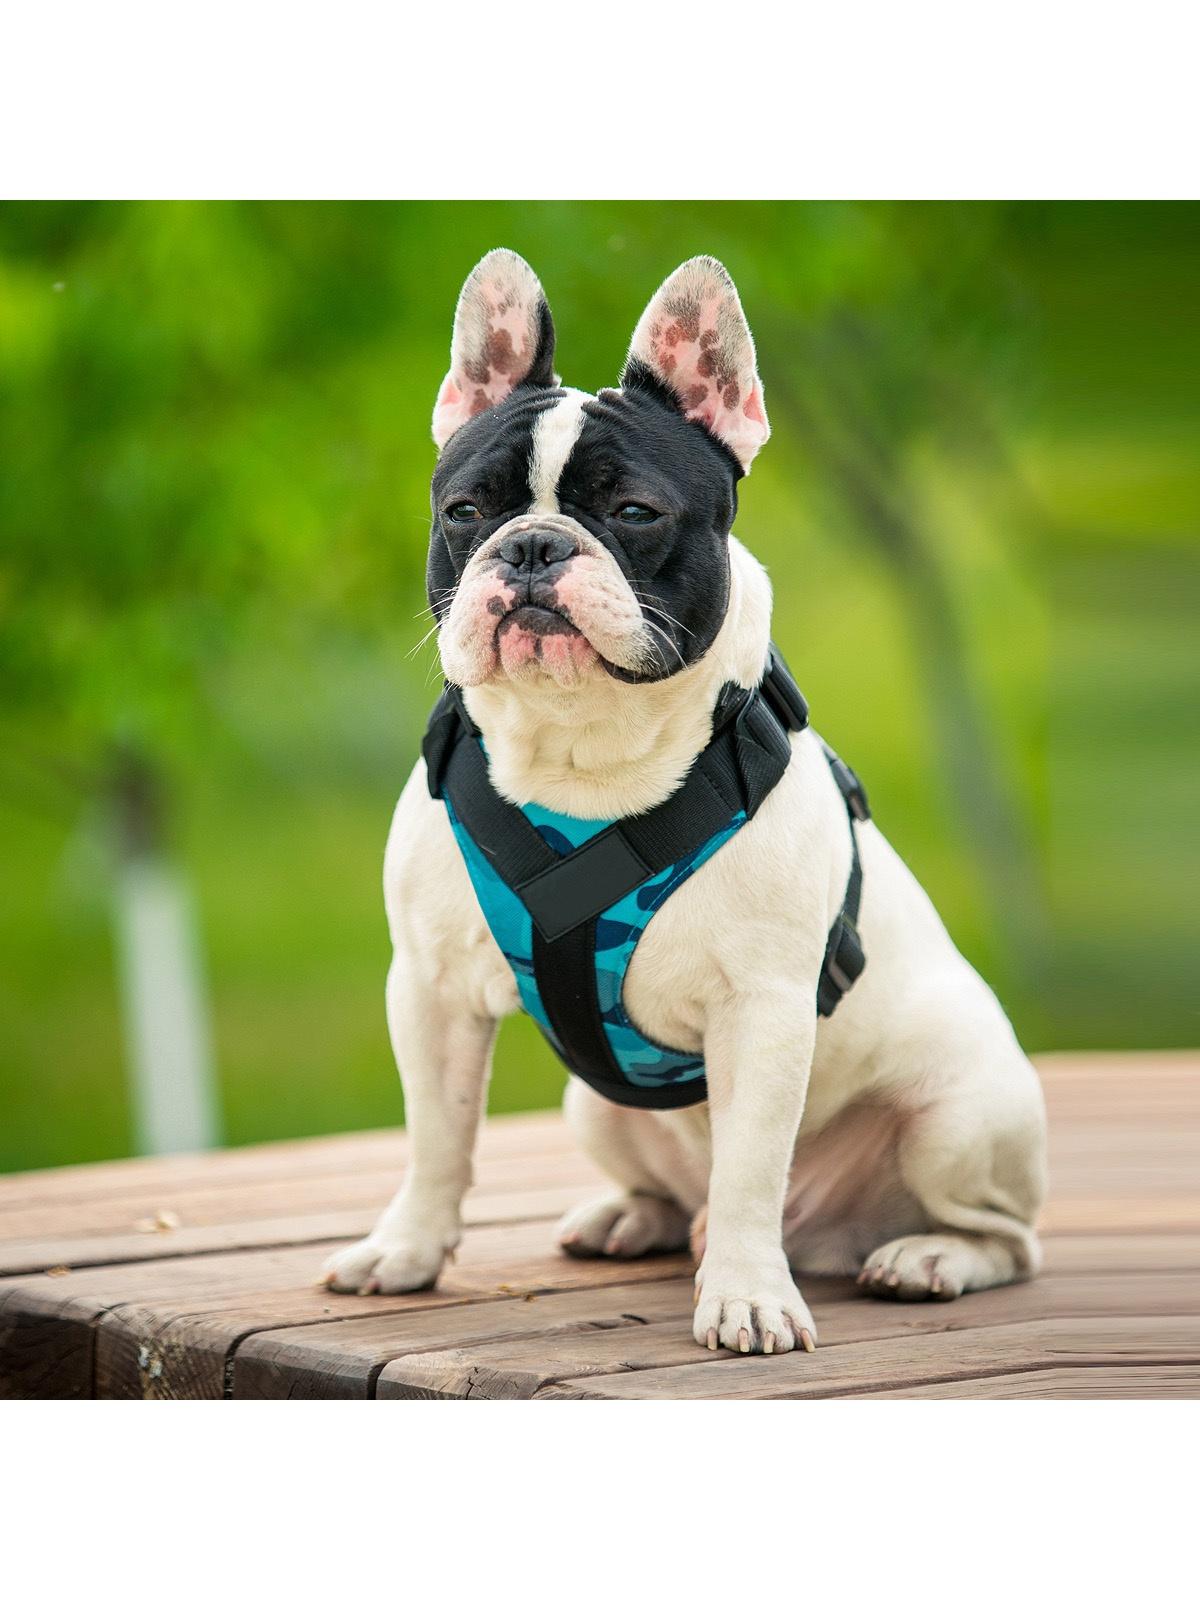 Шлейка Pets & Friends ошейник для собак голубой под грудь, размер L PF-DHF-04, голубой